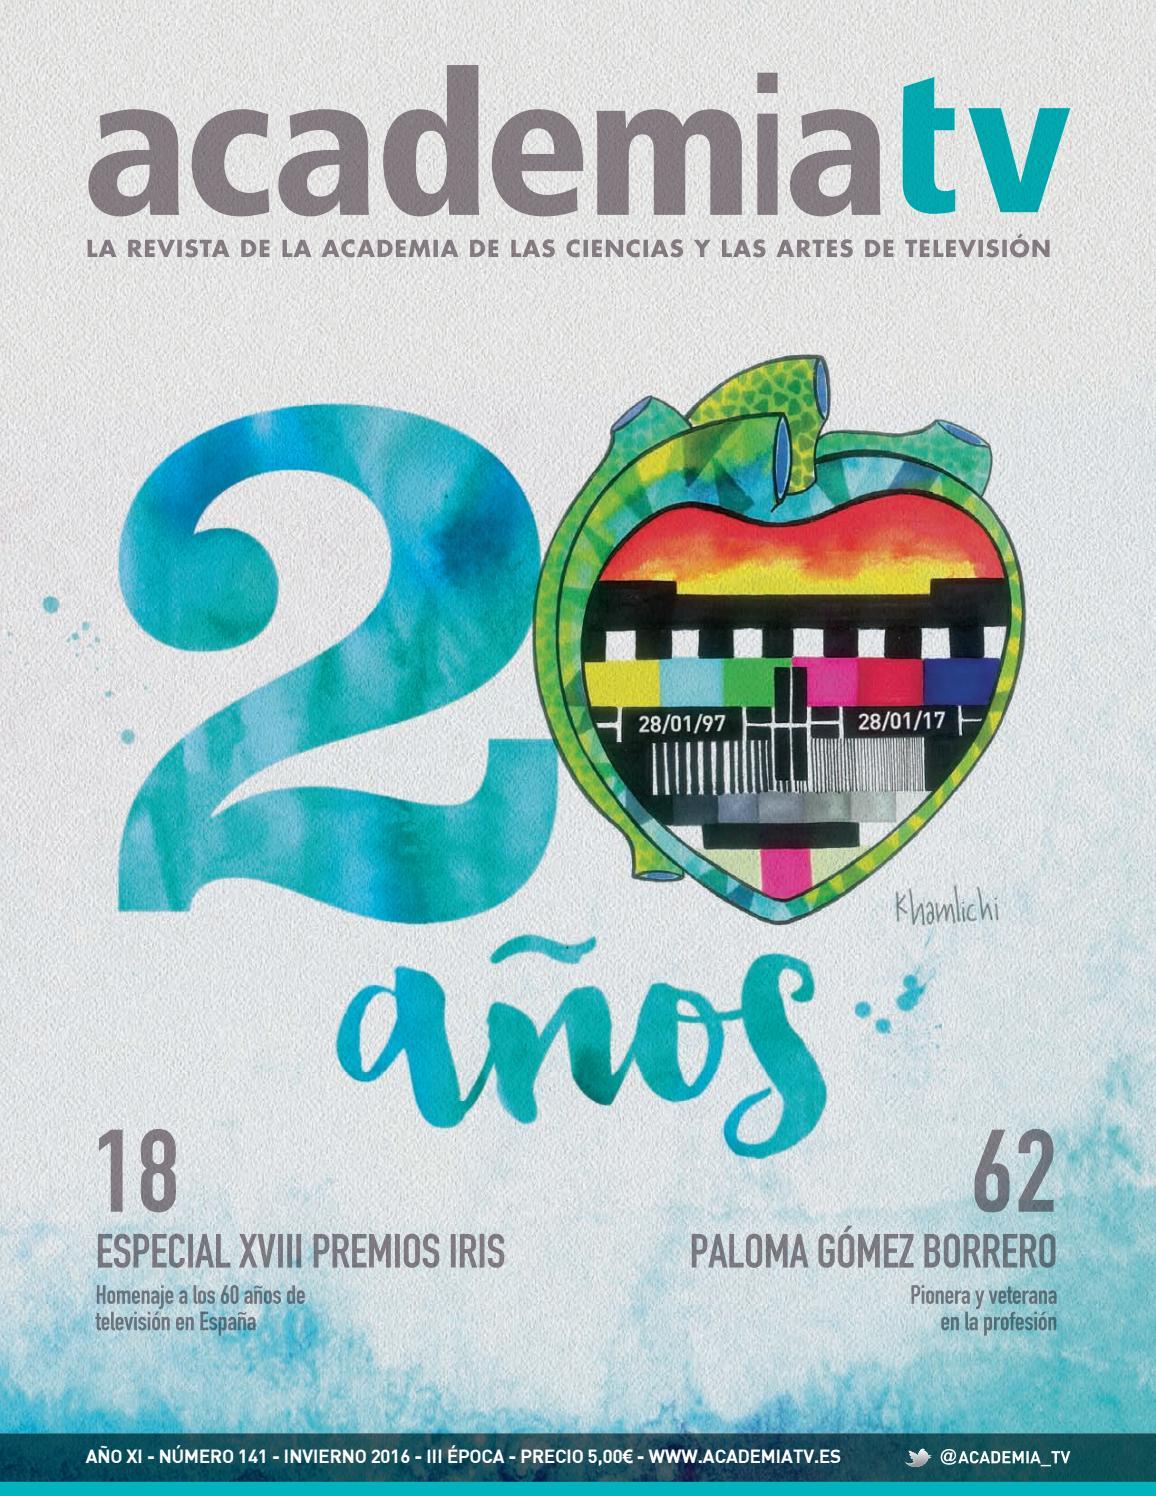 jacuzzi exterior 60 dise os que te encantar n este 2017 estreno 11 AcademiaTV 141 by Academia de las Ciencias y las Artes de la Televisión -  issuu